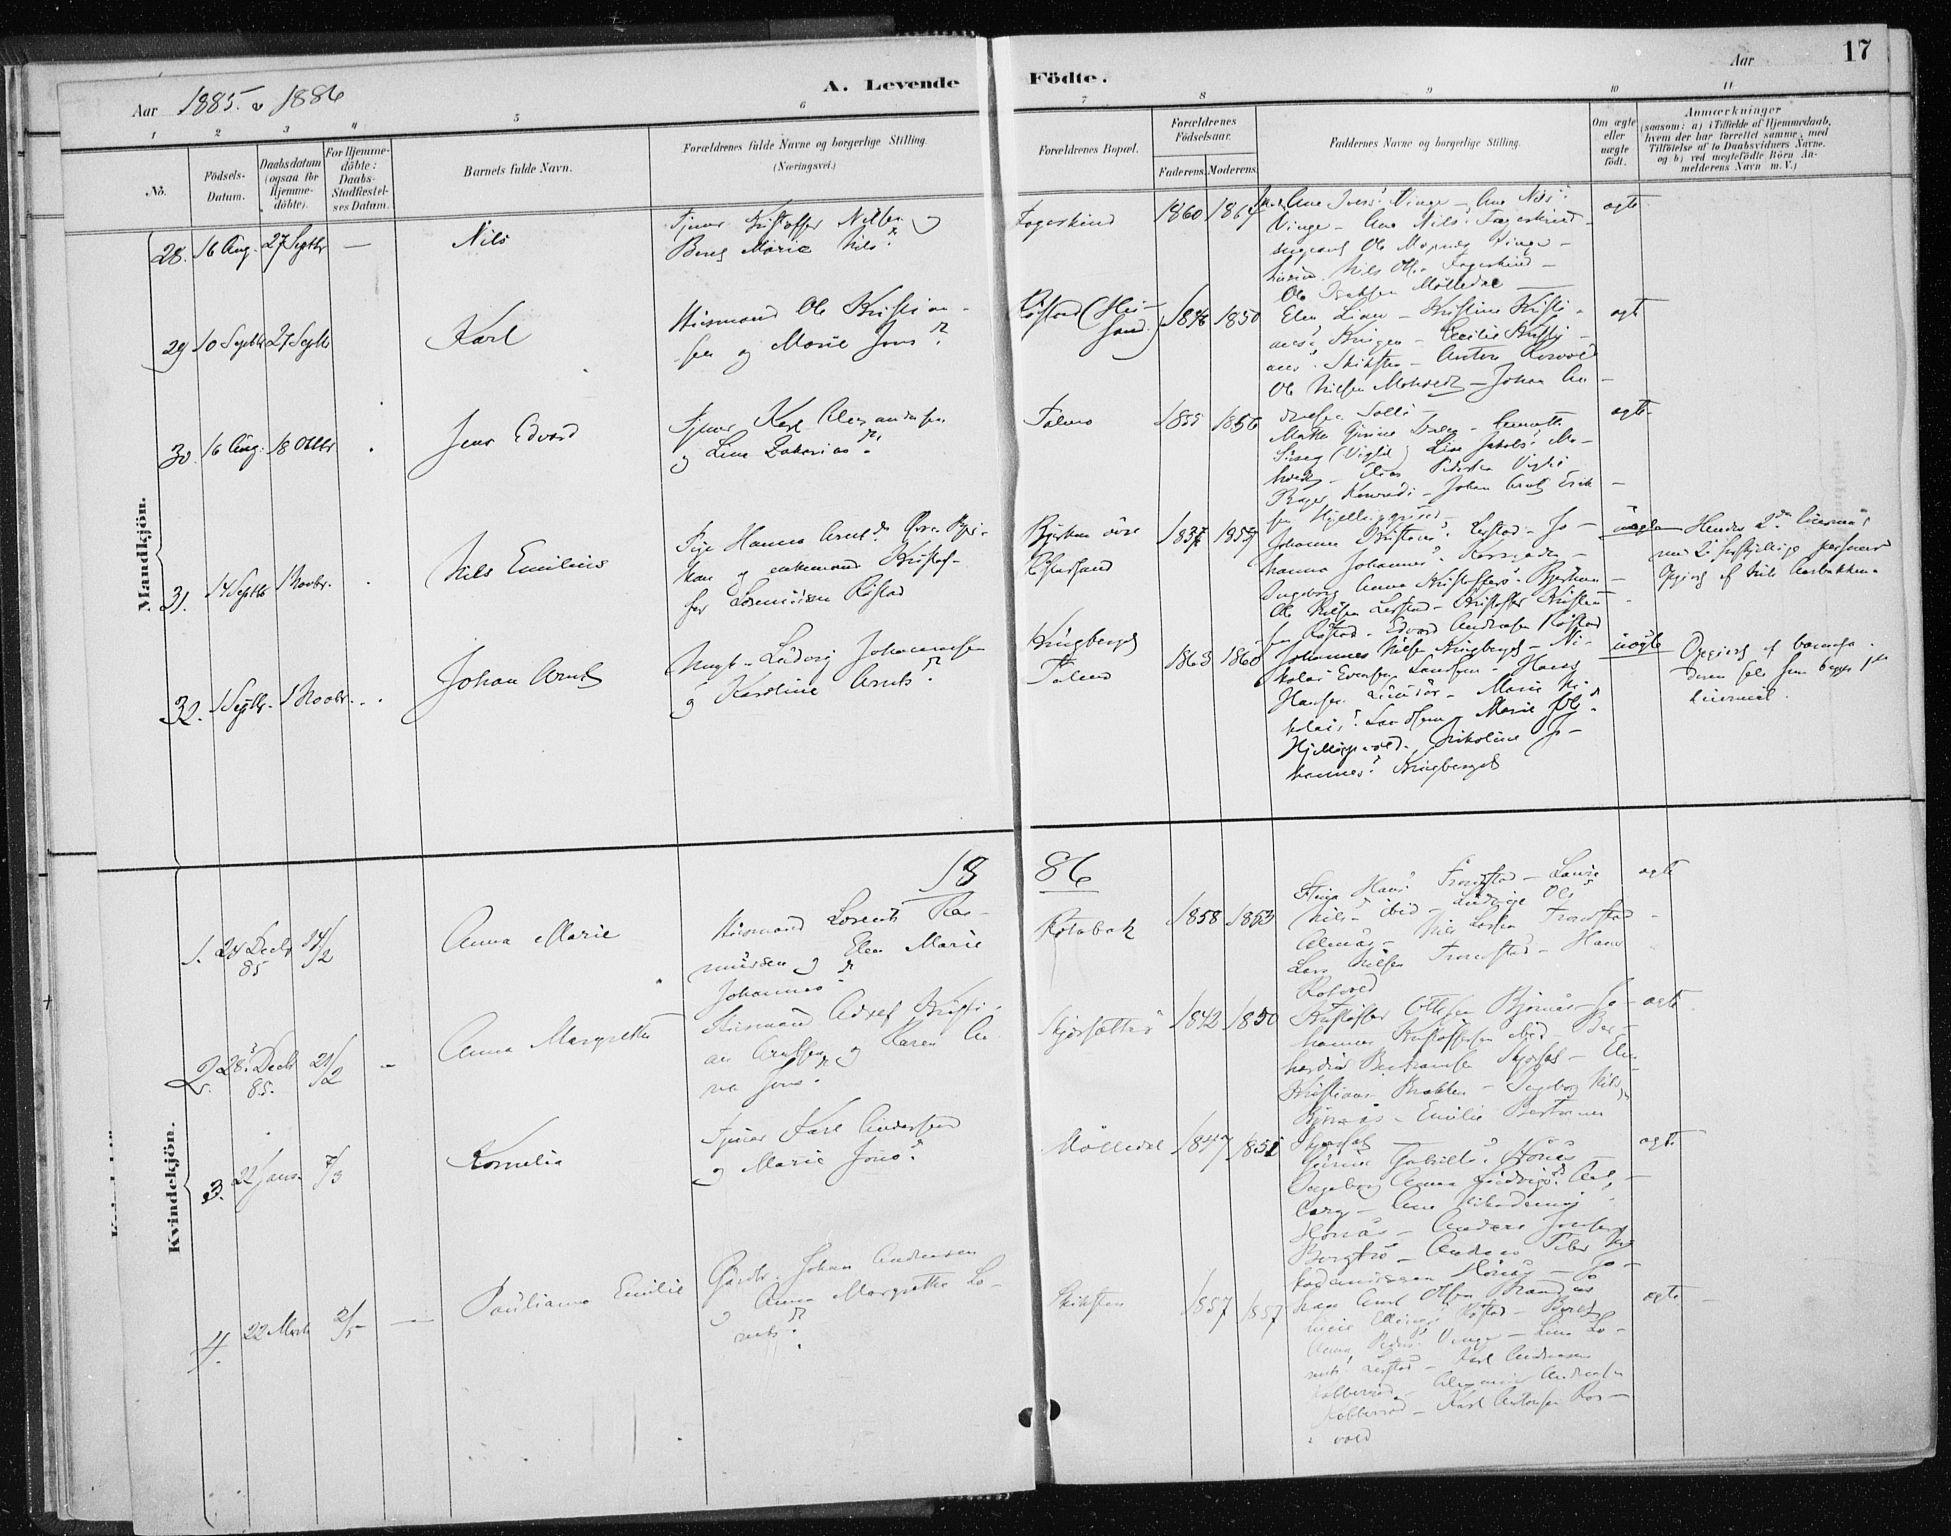 SAT, Ministerialprotokoller, klokkerbøker og fødselsregistre - Nord-Trøndelag, 701/L0010: Ministerialbok nr. 701A10, 1883-1899, s. 17